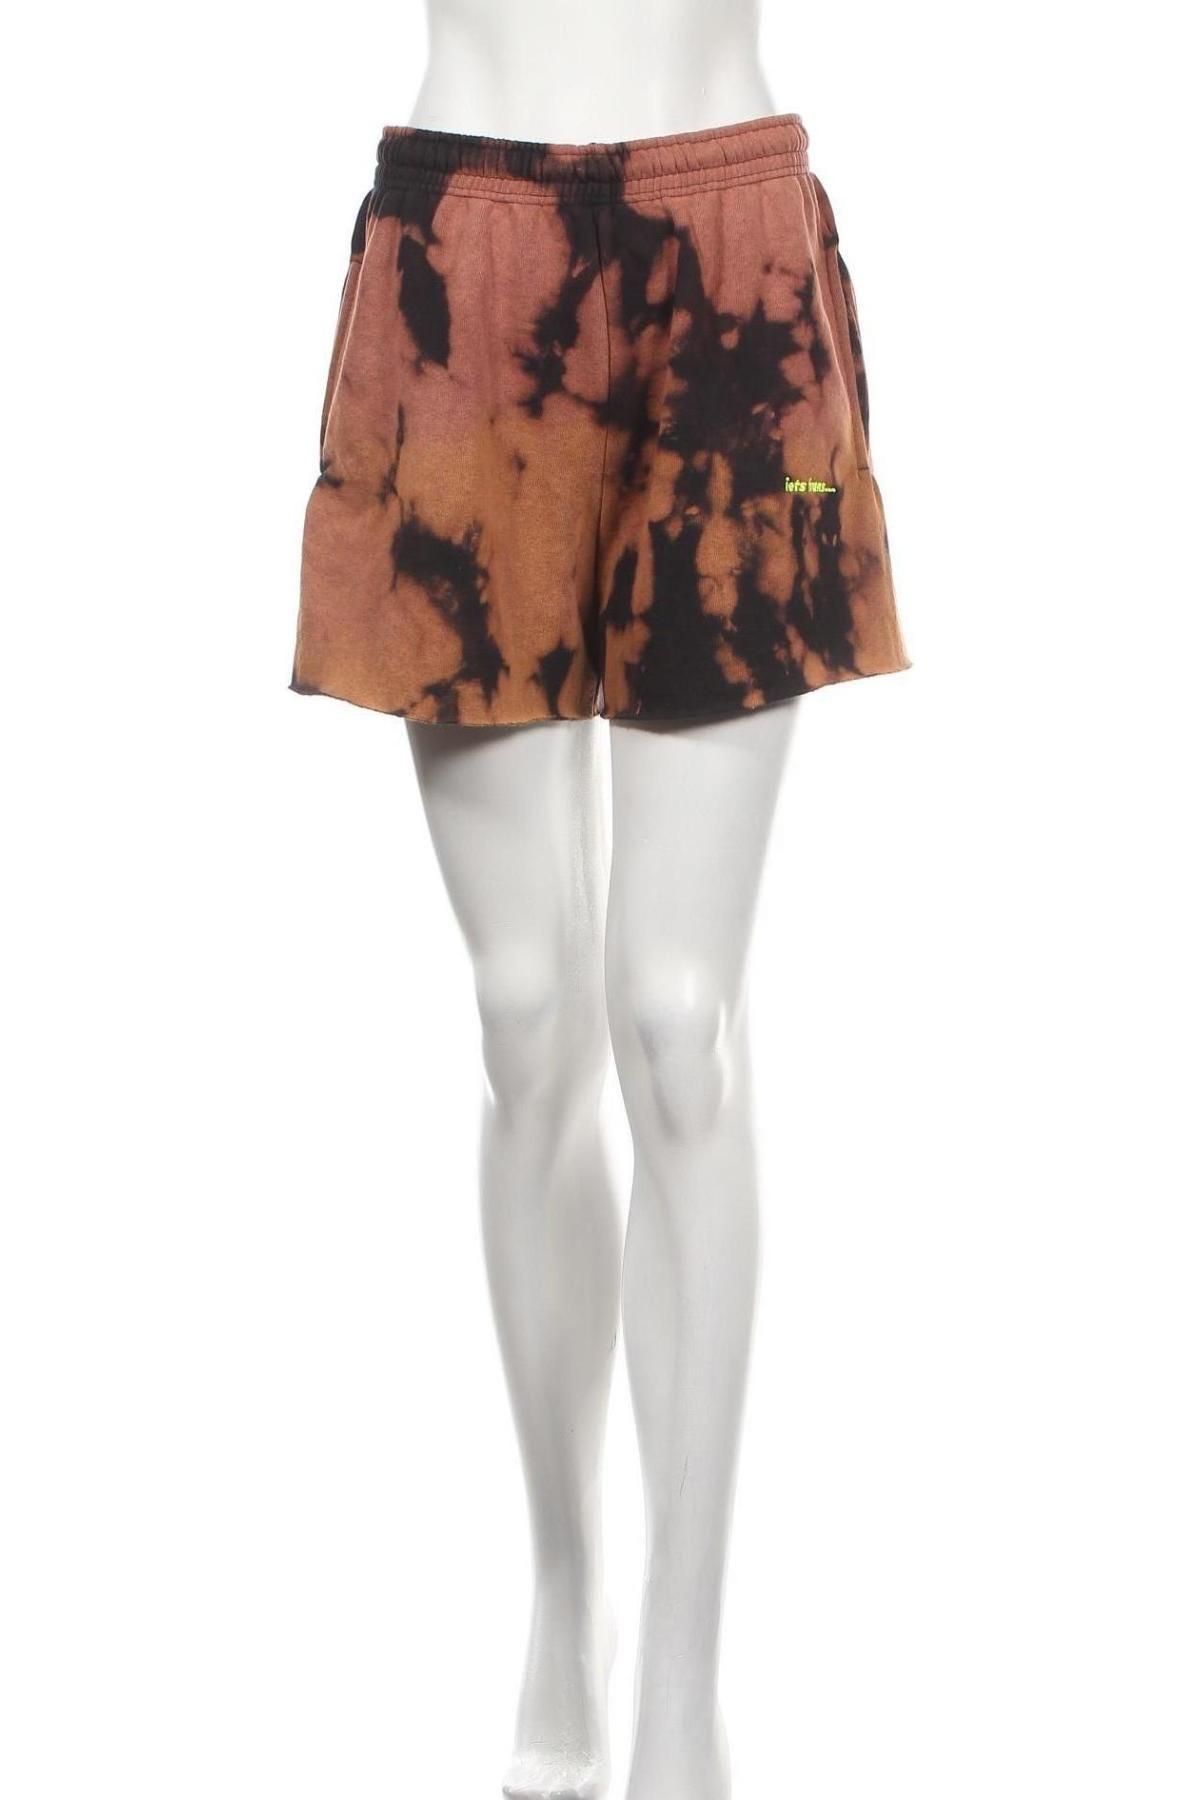 Дамски къс панталон Urban Outfitters, Размер M, Цвят Кафяв, 80% памук, 20% полиестер, Цена 54,00лв.